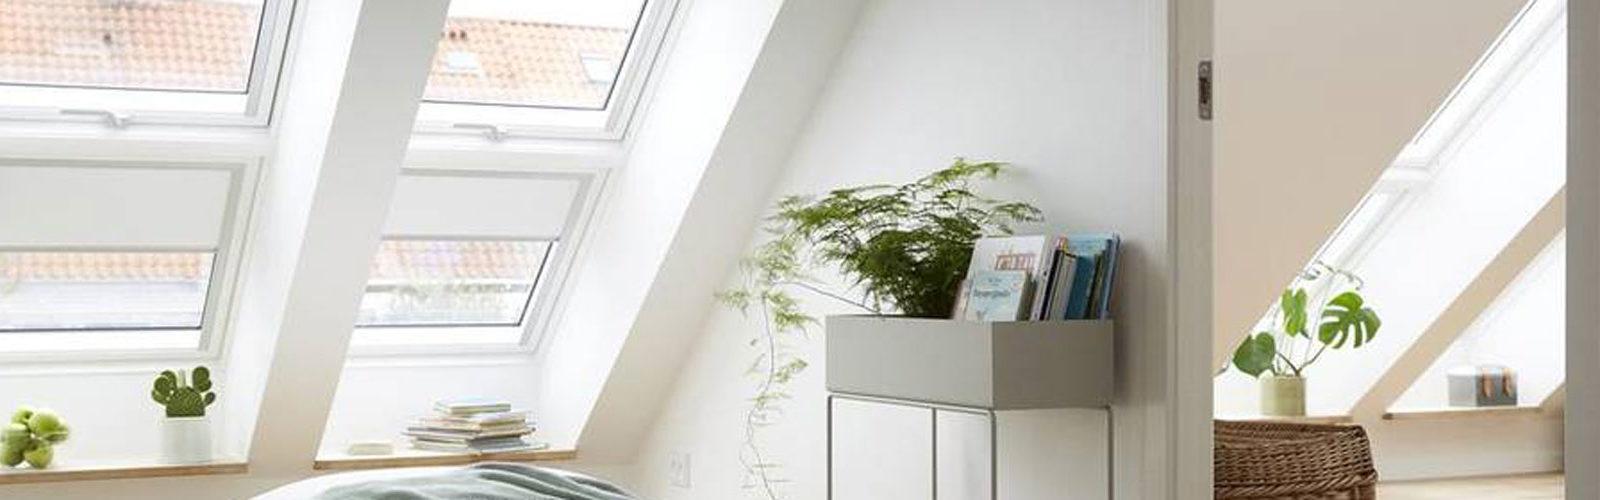 beschattung f r dachfl chenfenster kobe fenster t ren sonnenschutz gmbh. Black Bedroom Furniture Sets. Home Design Ideas